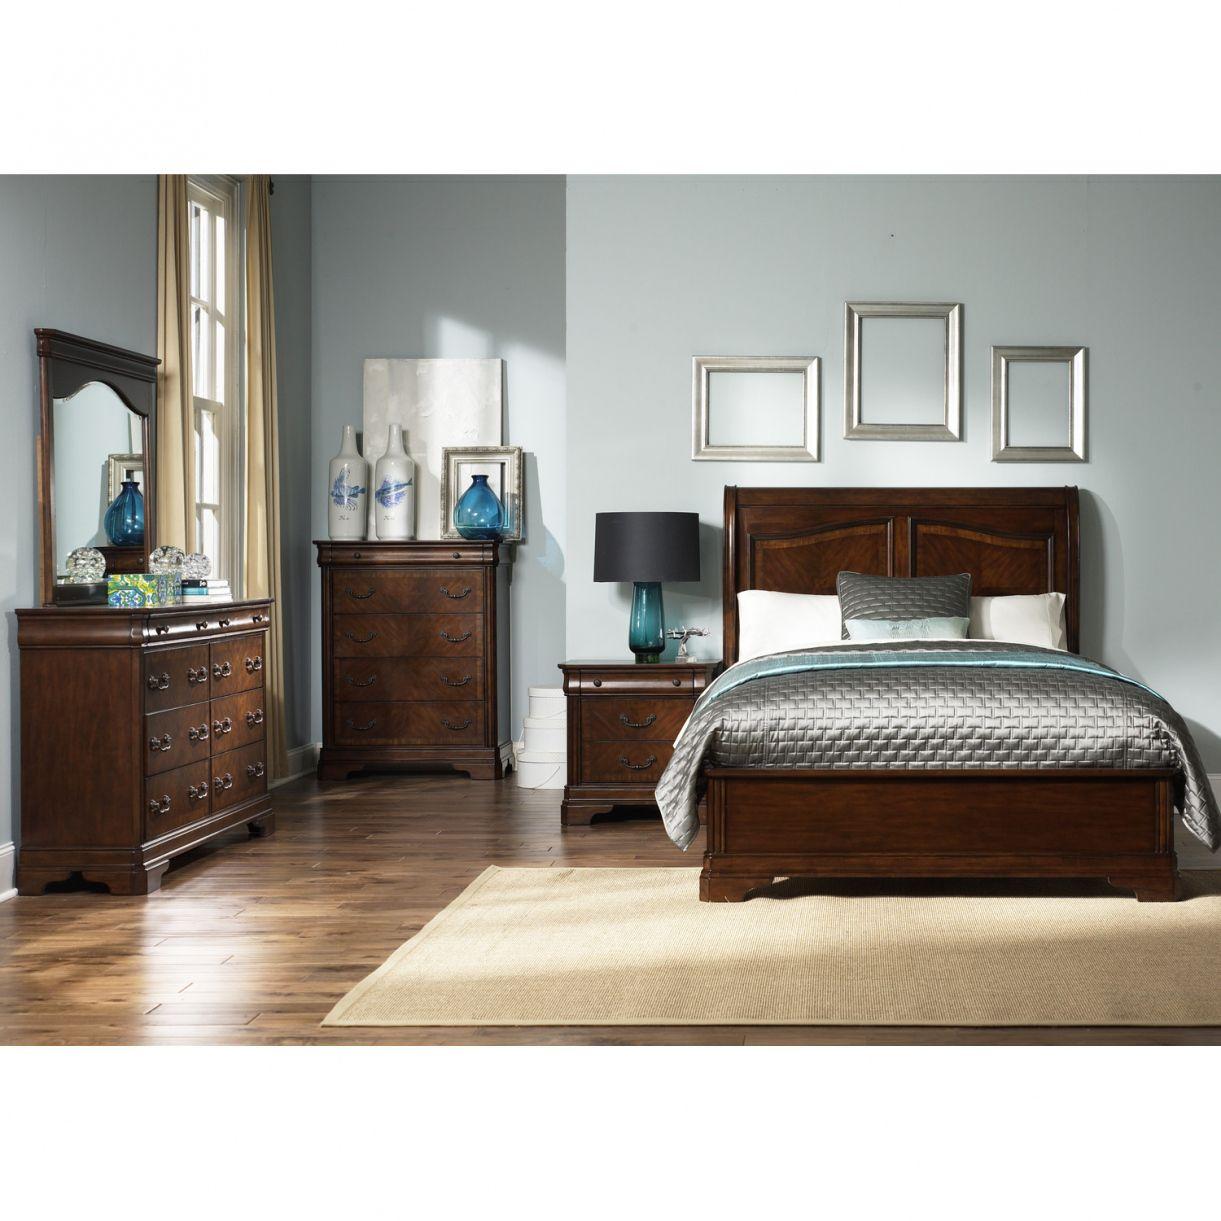 Craigslist Bedroom Furniture for Sale Interior Bedroom